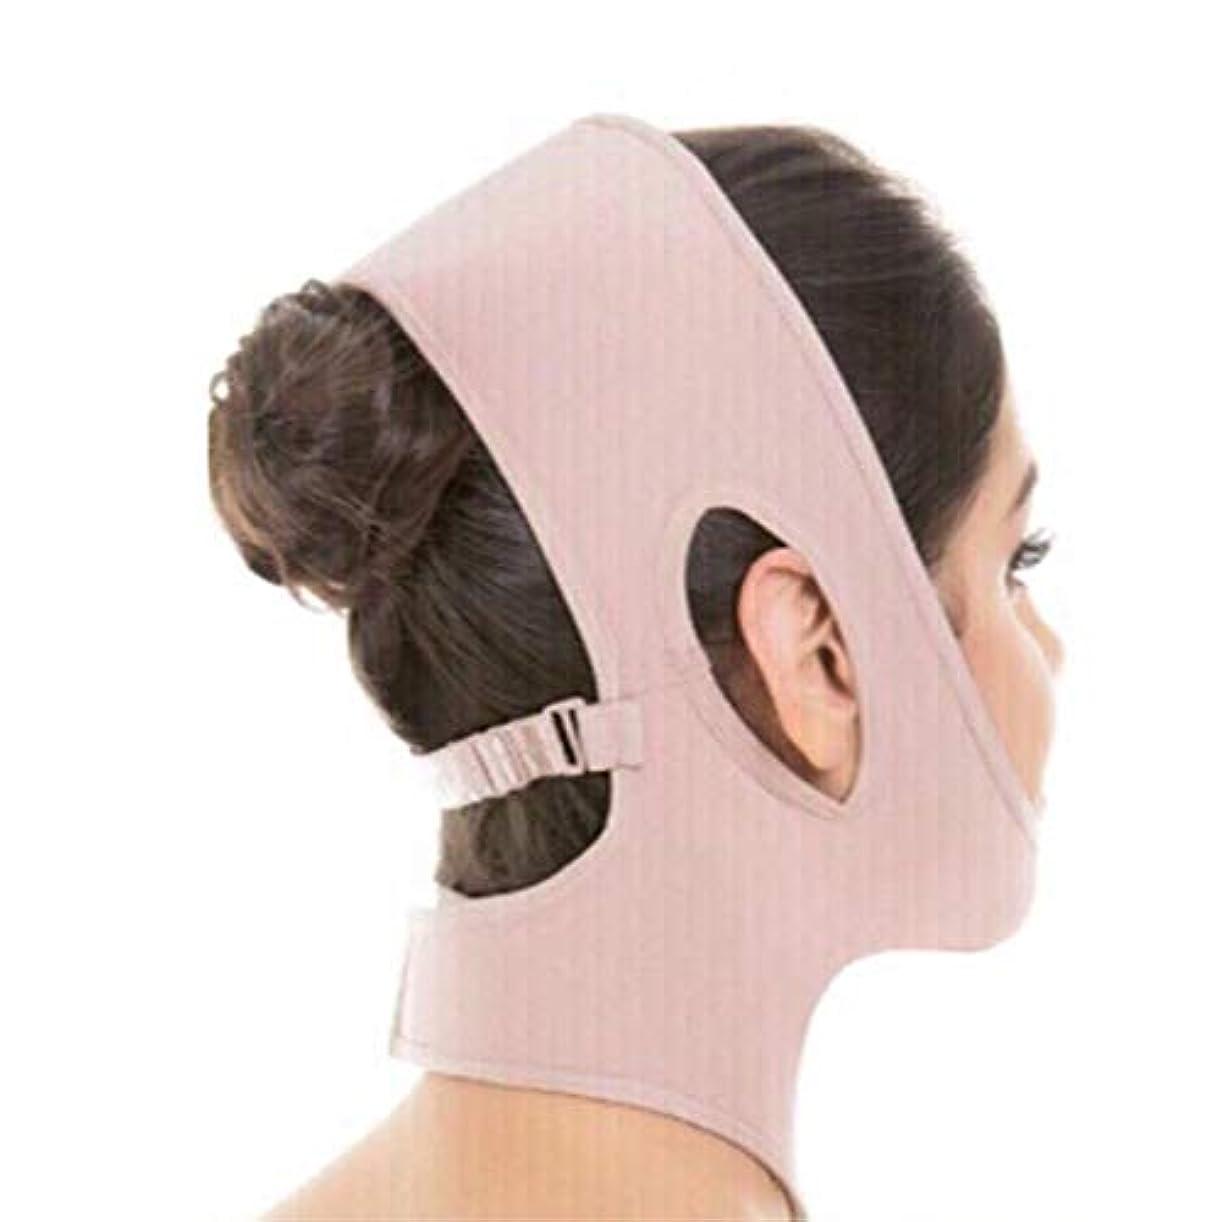 熟達贅沢な征服XHLMRMJ フェイスリフティング包帯、フェイスリフティングマスク、顔の皮膚の首と首を持ち上げる、二重あごを減らすために顔を持ち上げる(ワンサイズフィット) (Color : Khaki)